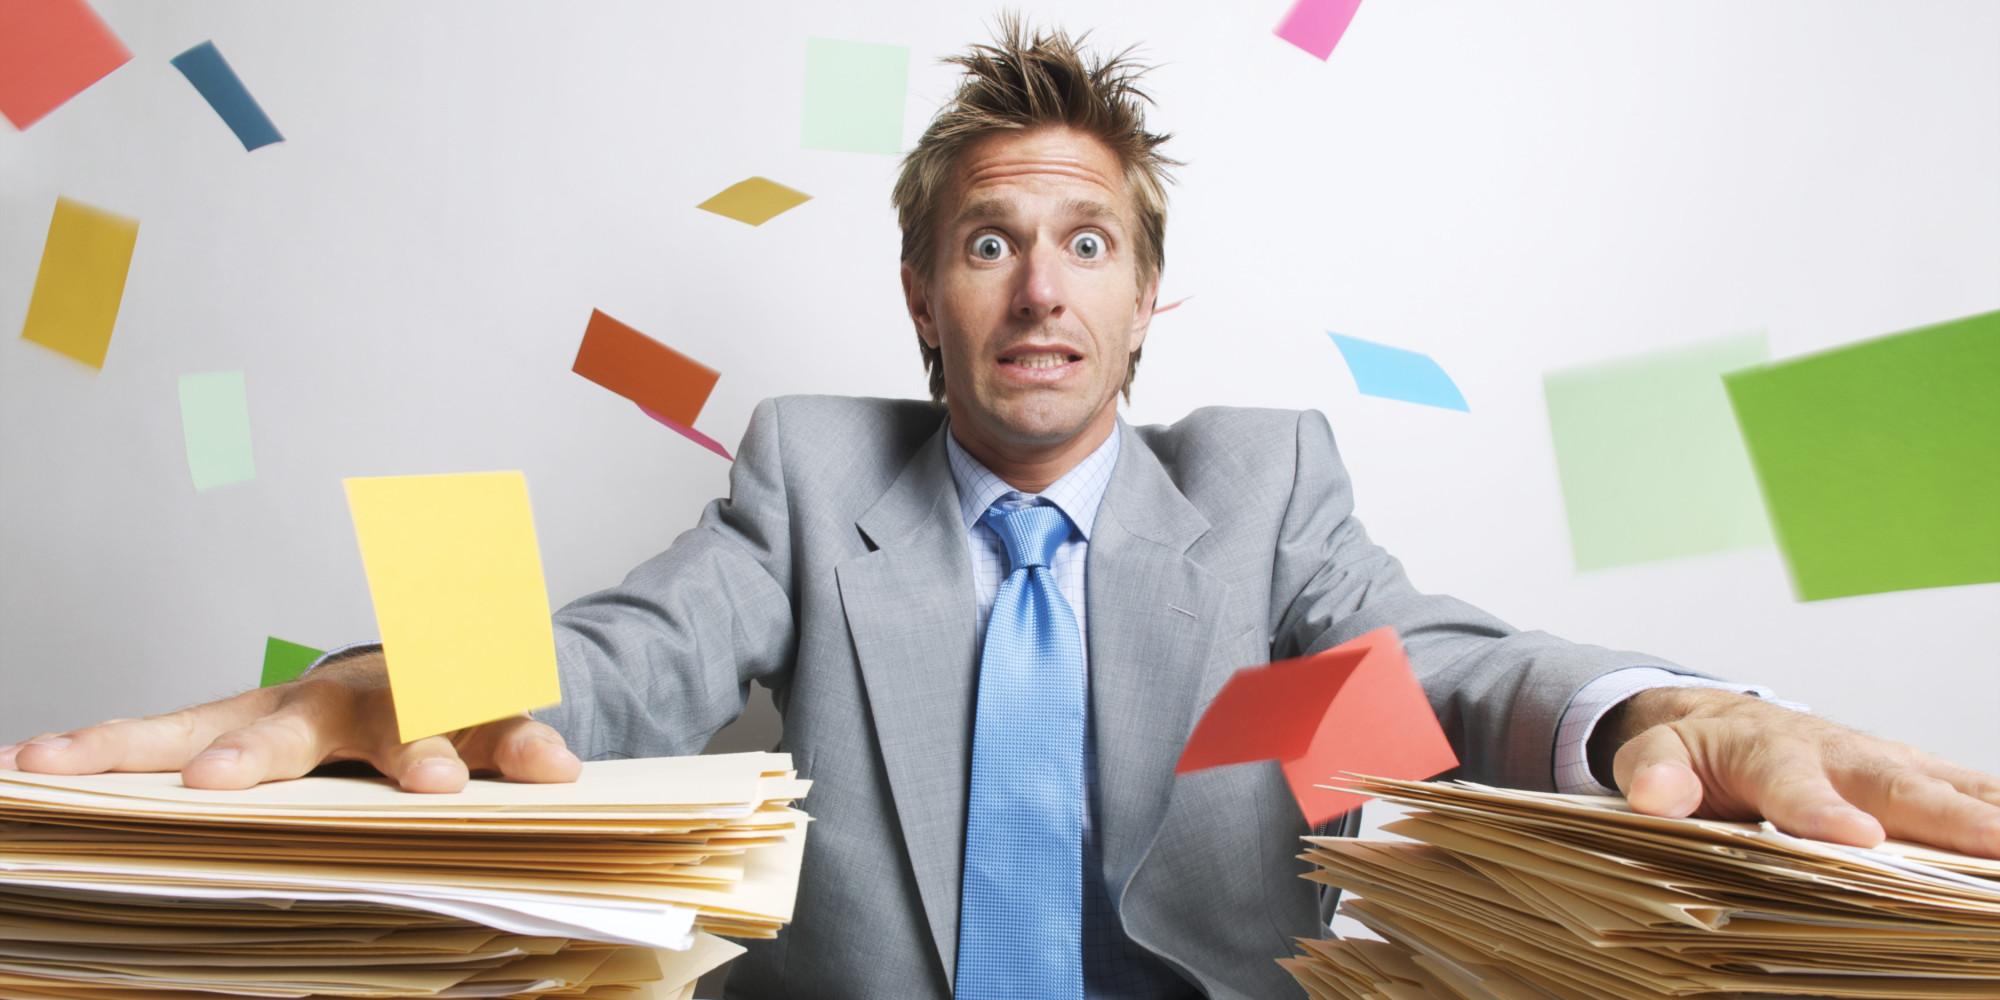 Organiser son bureau 5 astuces pour y voir plus clair - Comment recuperer sa corbeille sur le bureau ...